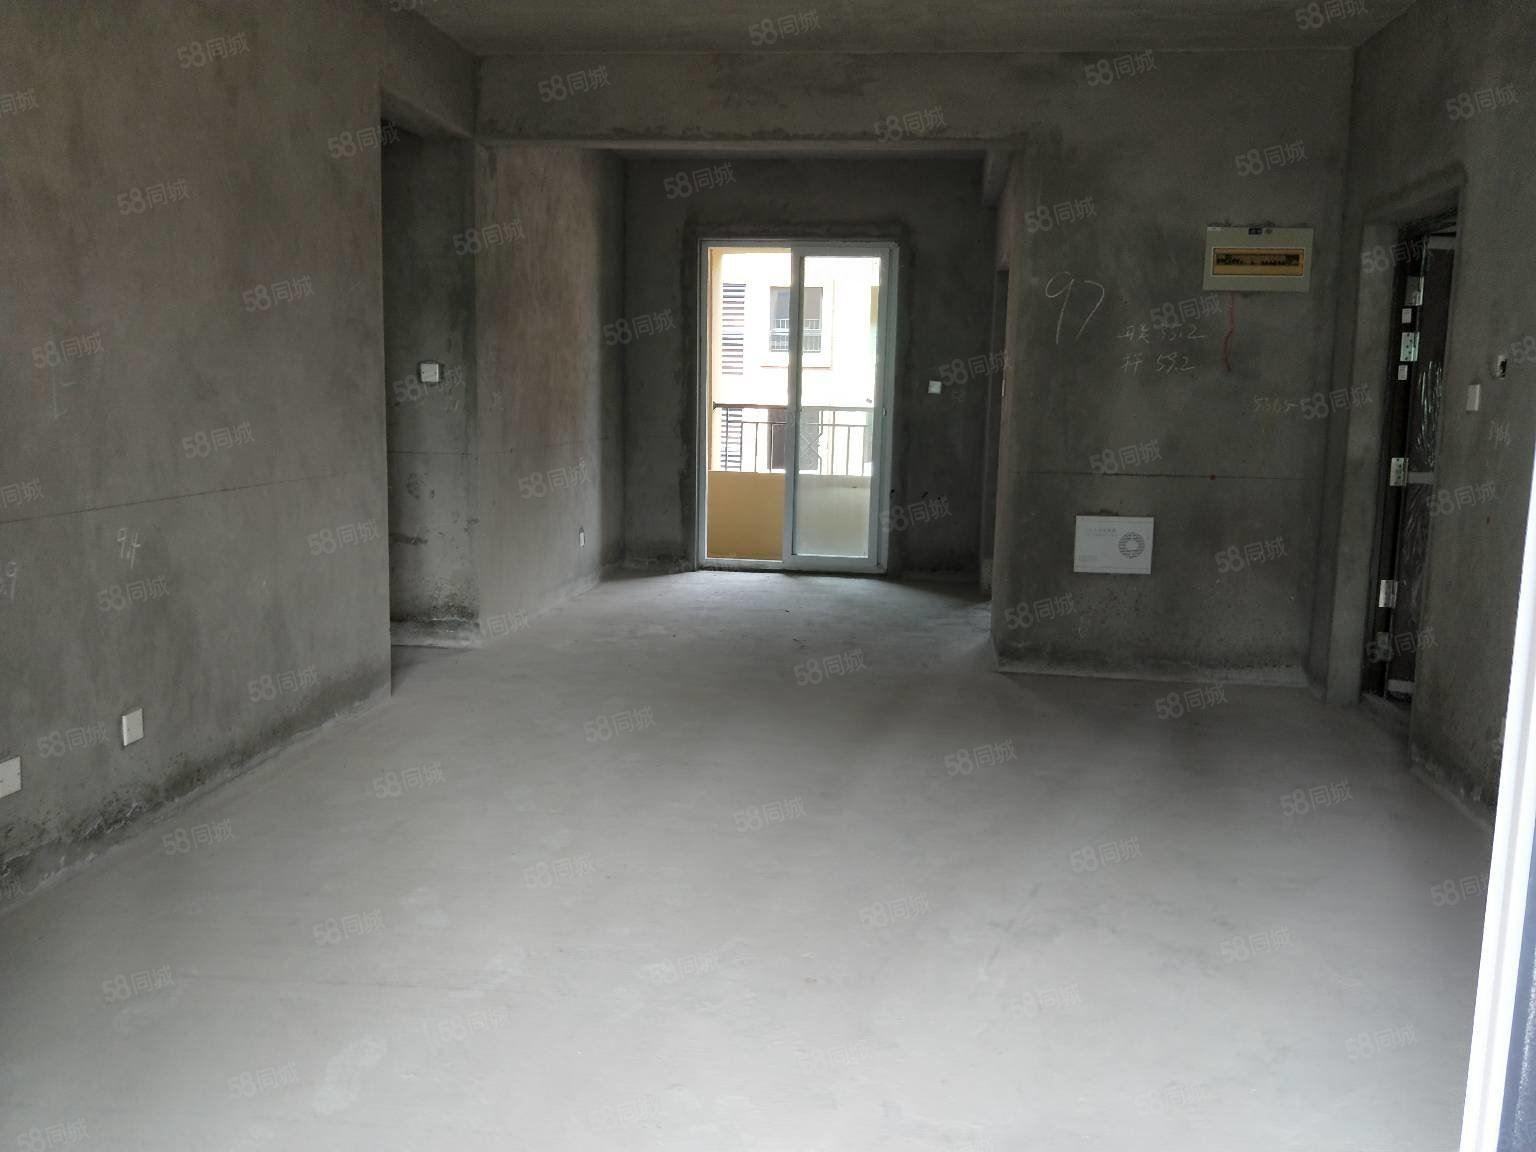 宝龙城市广场洋房四室两厅两卫南北通透装修随你意